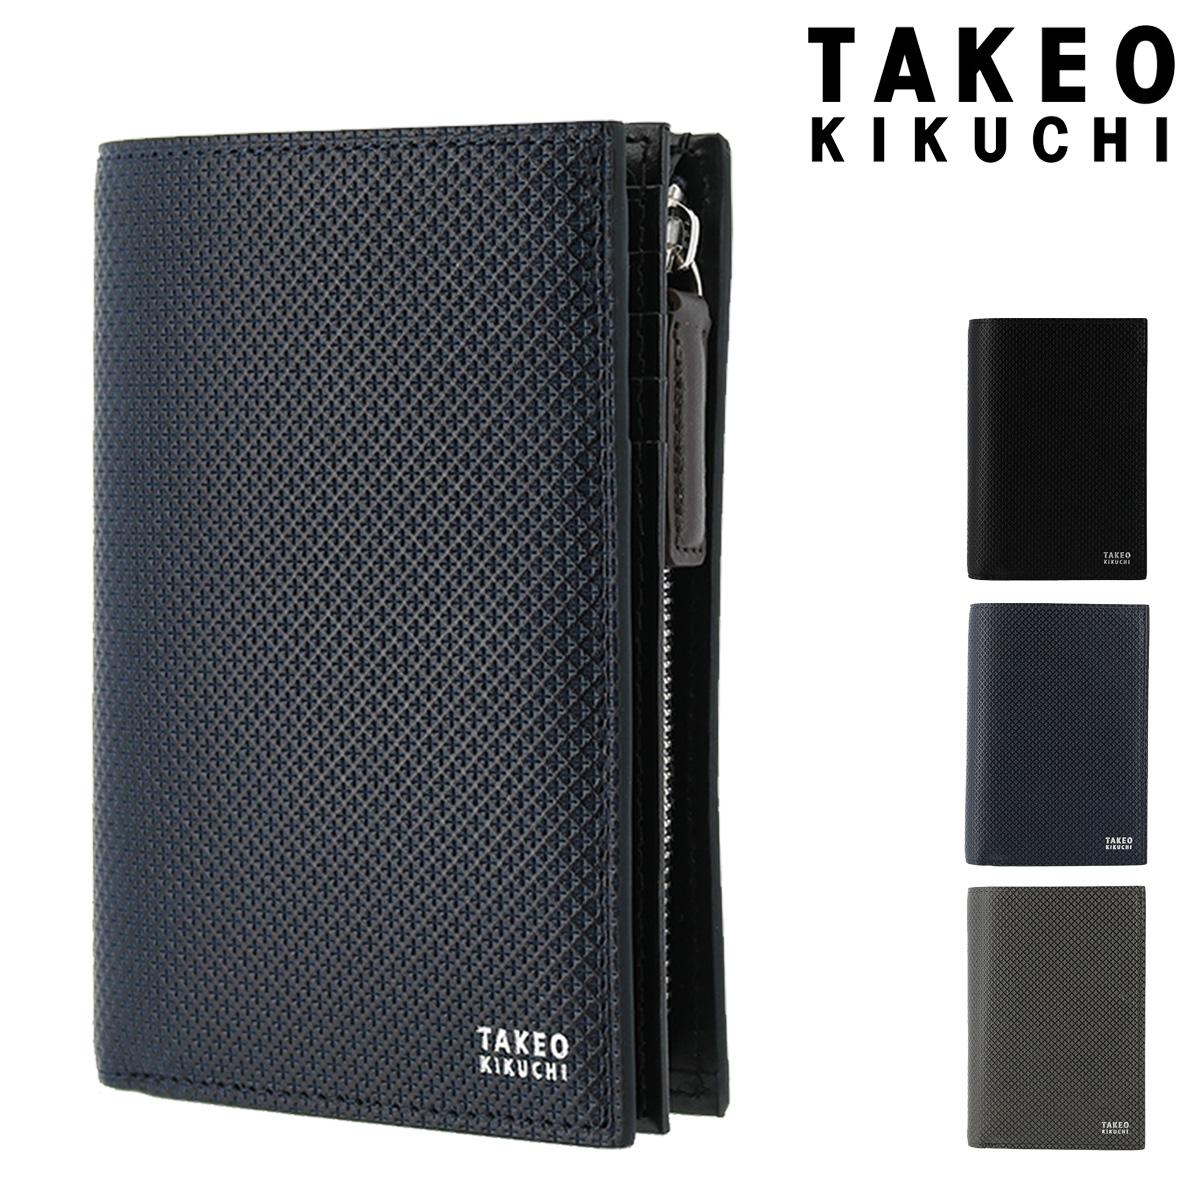 タケオキクチ 二つ折り財布 L字ファスナー バース メンズ 706625 TAKEO KIKUCHI | 本革 レザー ブランド専用BOX付き[bef]